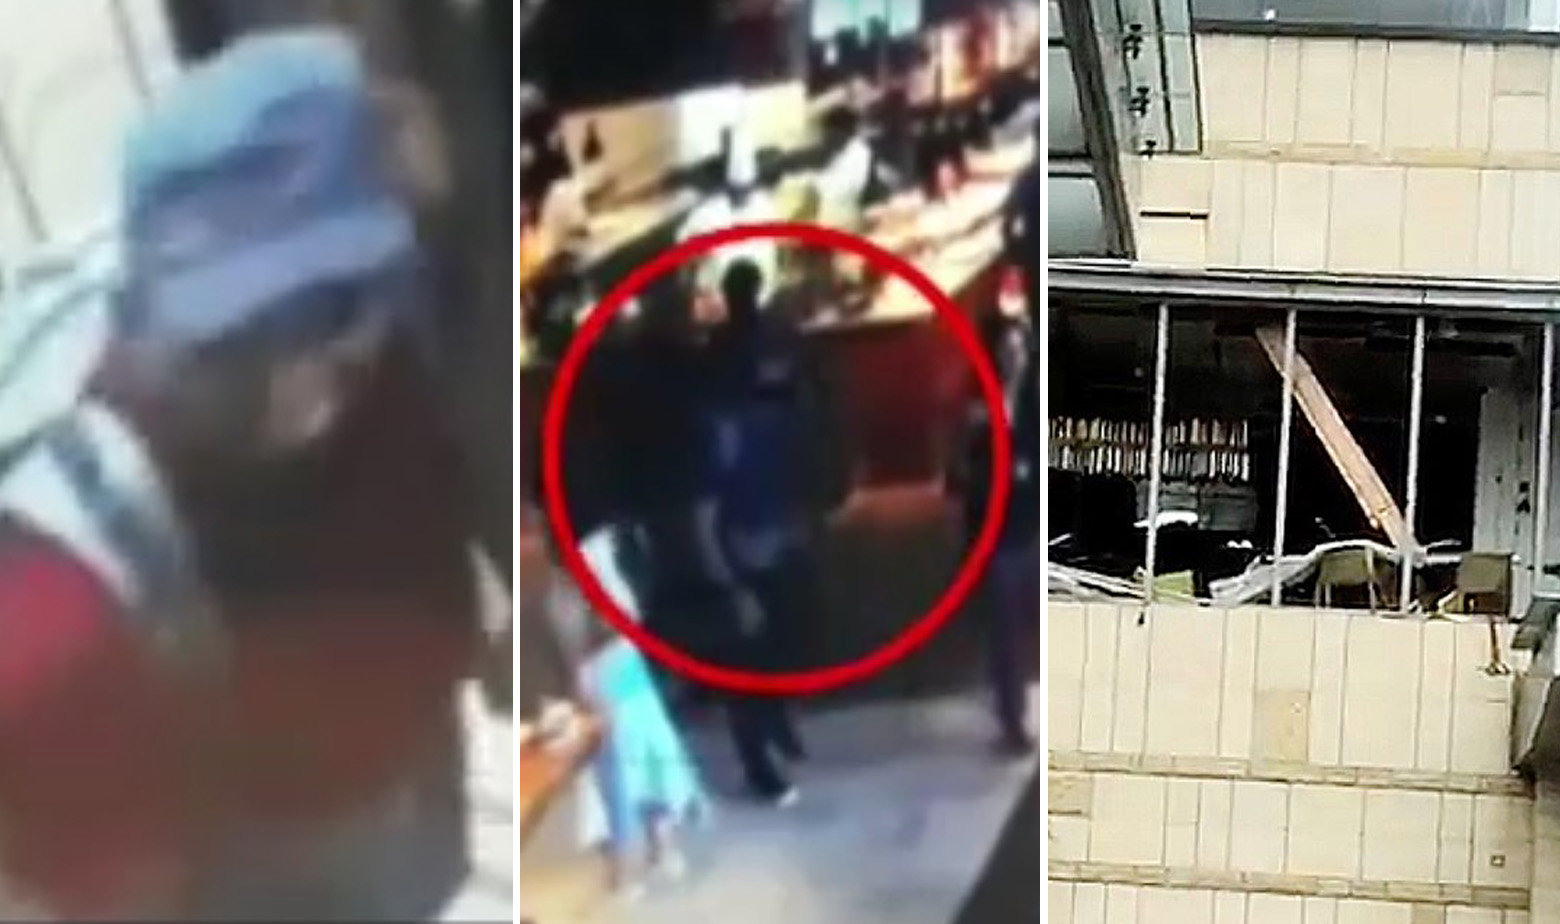 Snimka s nadzornih kamera pokazuje napadače na hotel Shnagri-La u Colombu